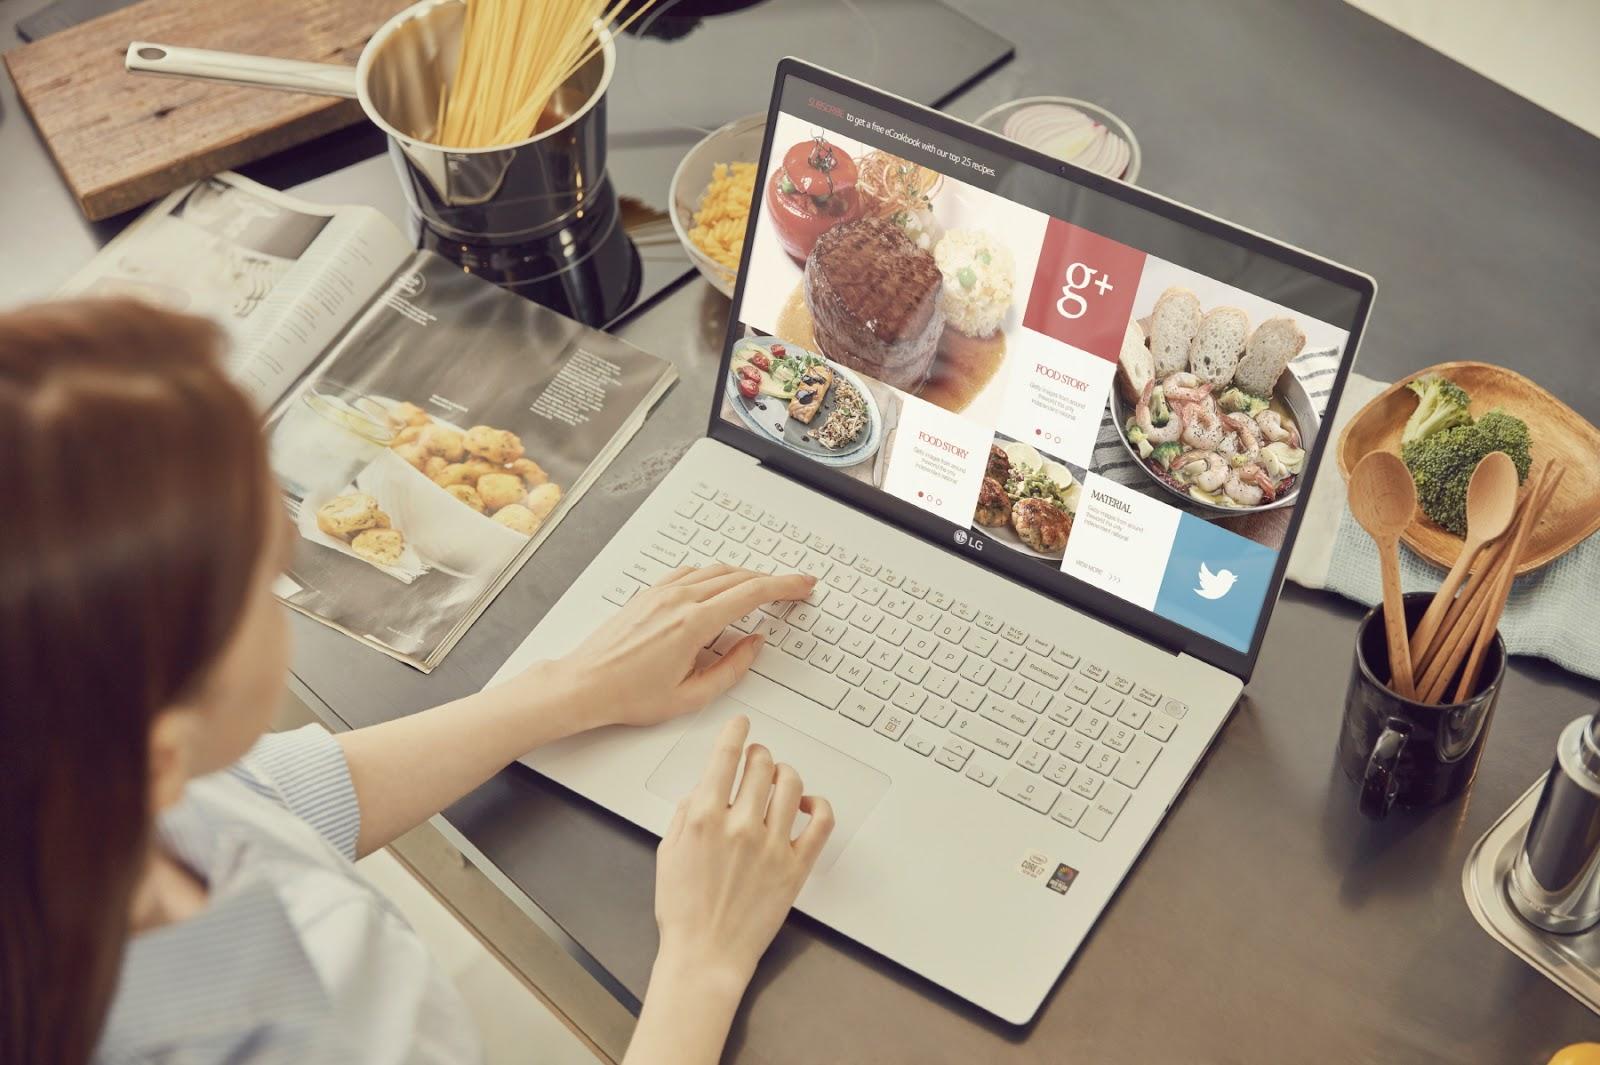 LG te brinda ideas para limpiar y desinfectar correctamente tu computadora